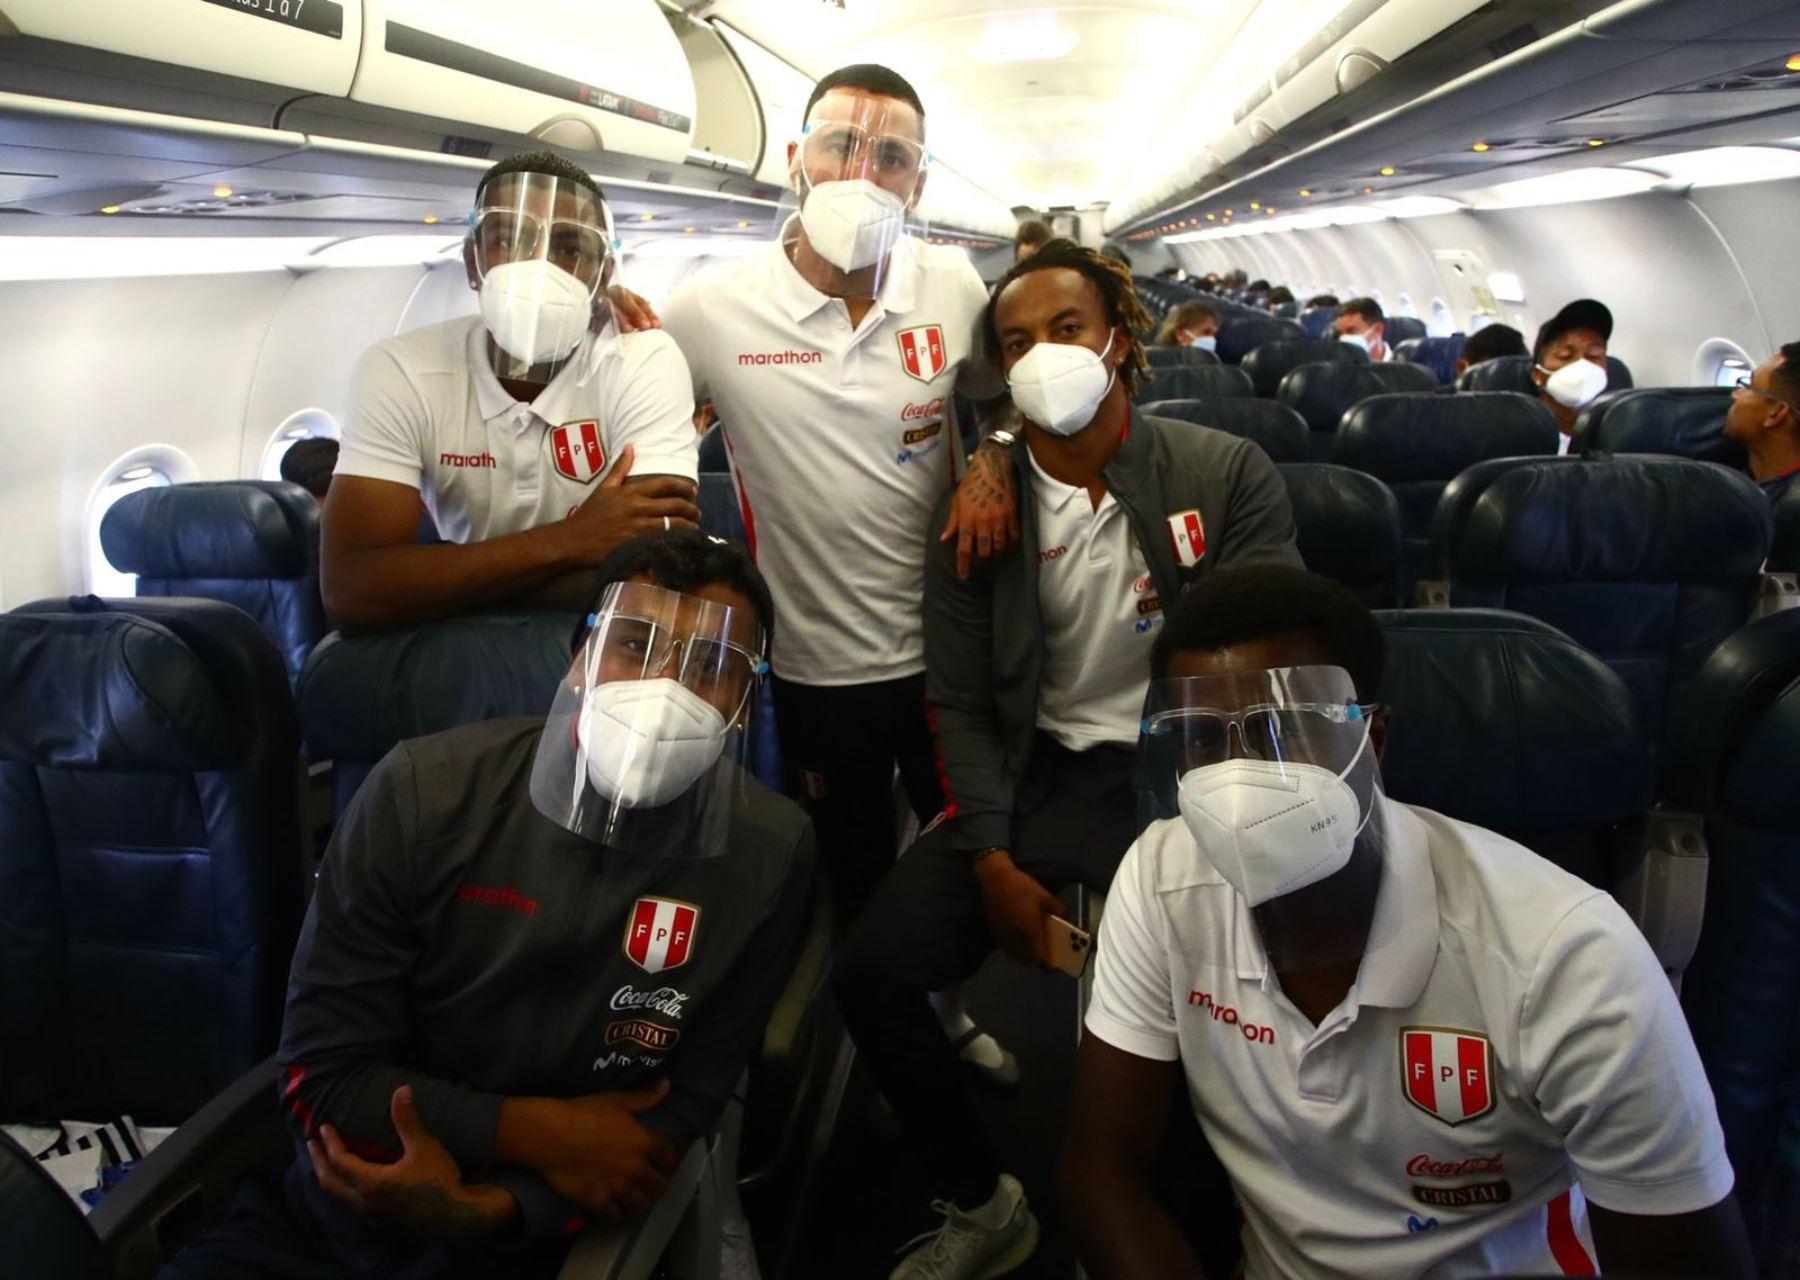 La selección peruana ya está en el avión que lo lleva a Quito para jugar mañana ante Ecuador